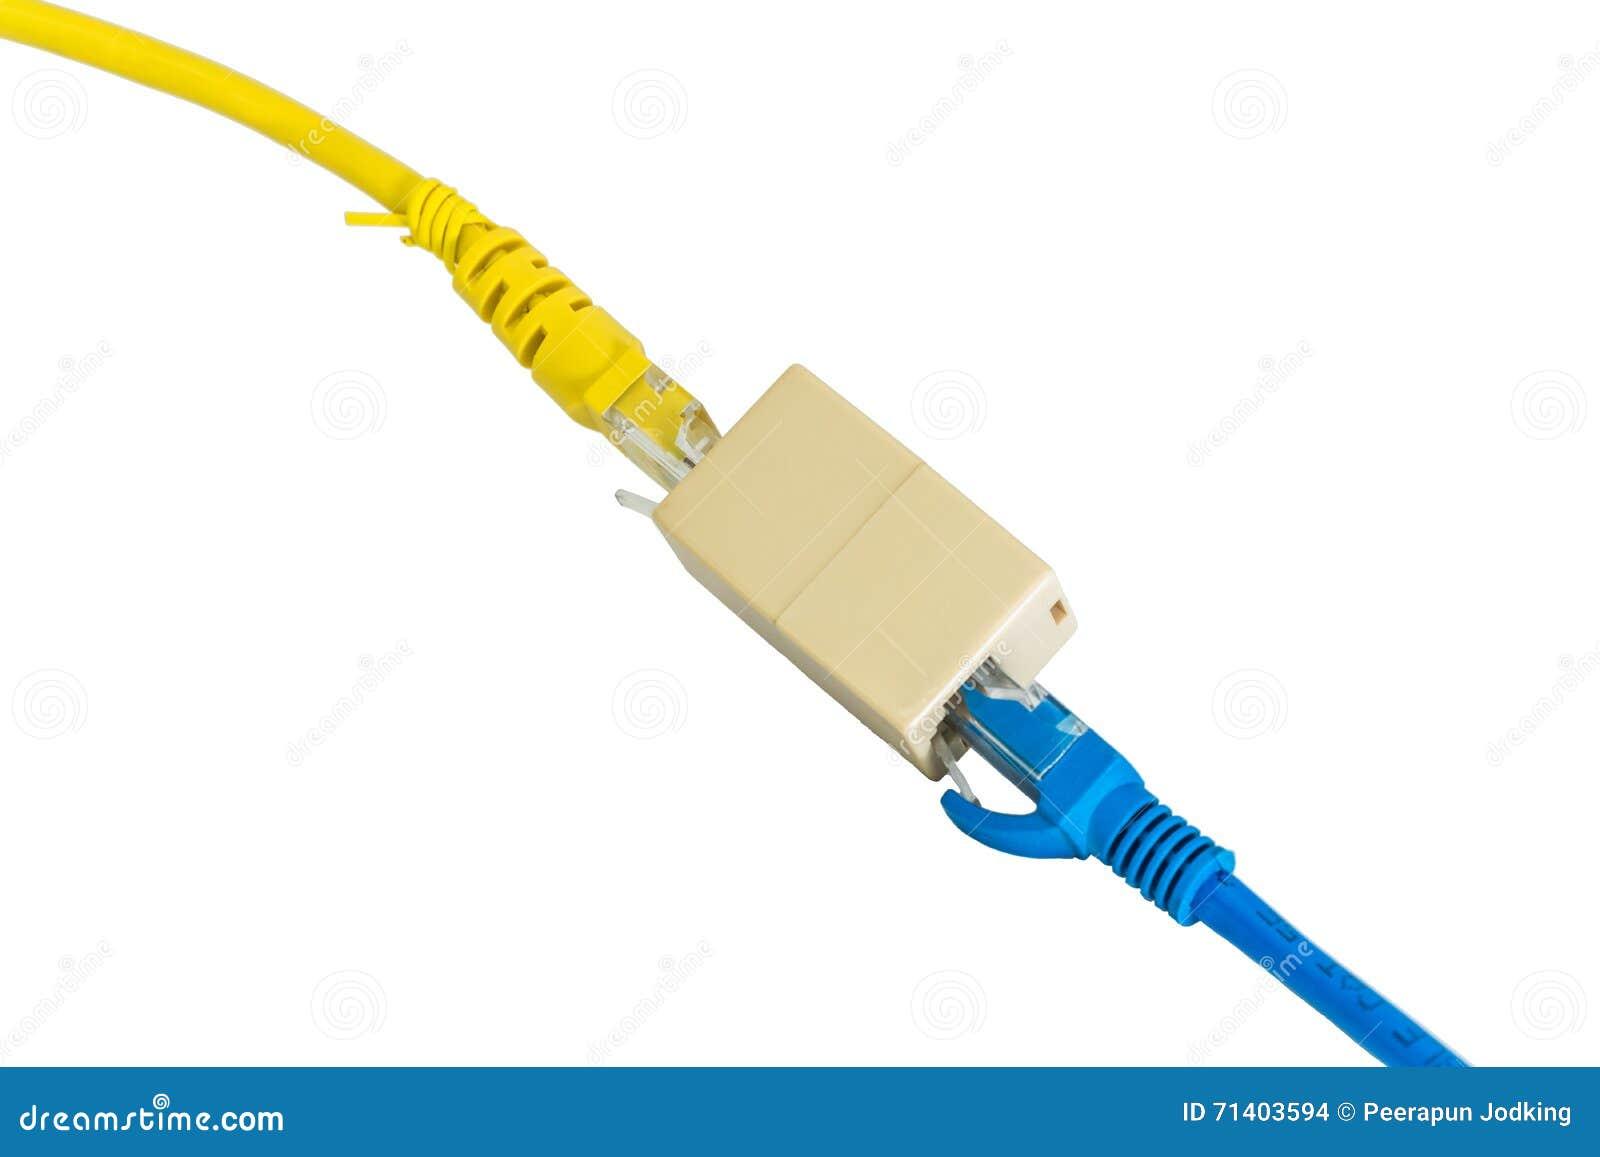 Ethernet azul y amarilla Cat5e telegrafía el suplemento o del cable del enchufe RJ45